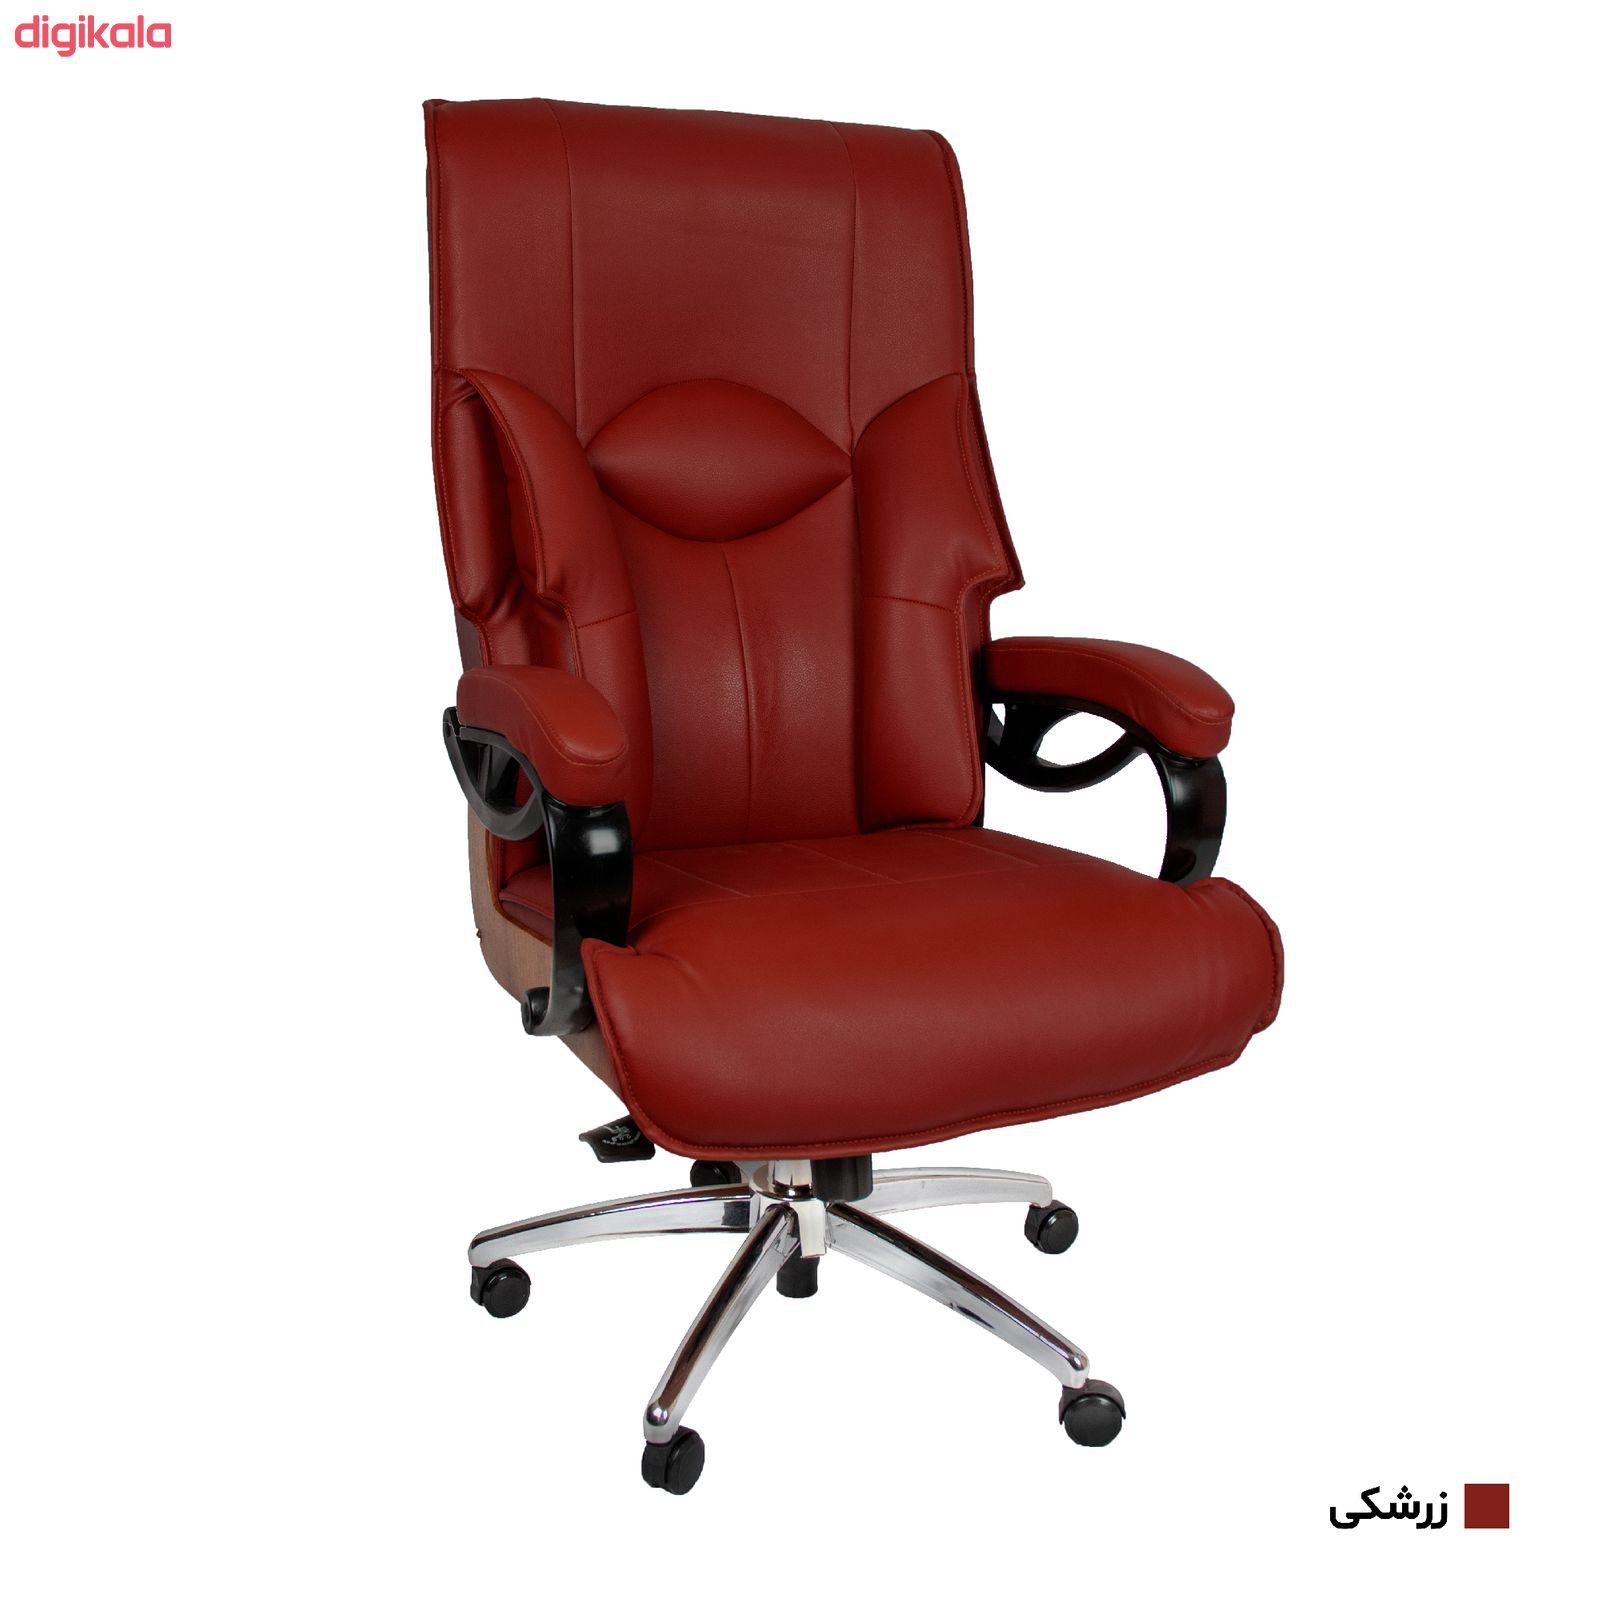 صندلی اداری آرکانو کد M900D main 1 12